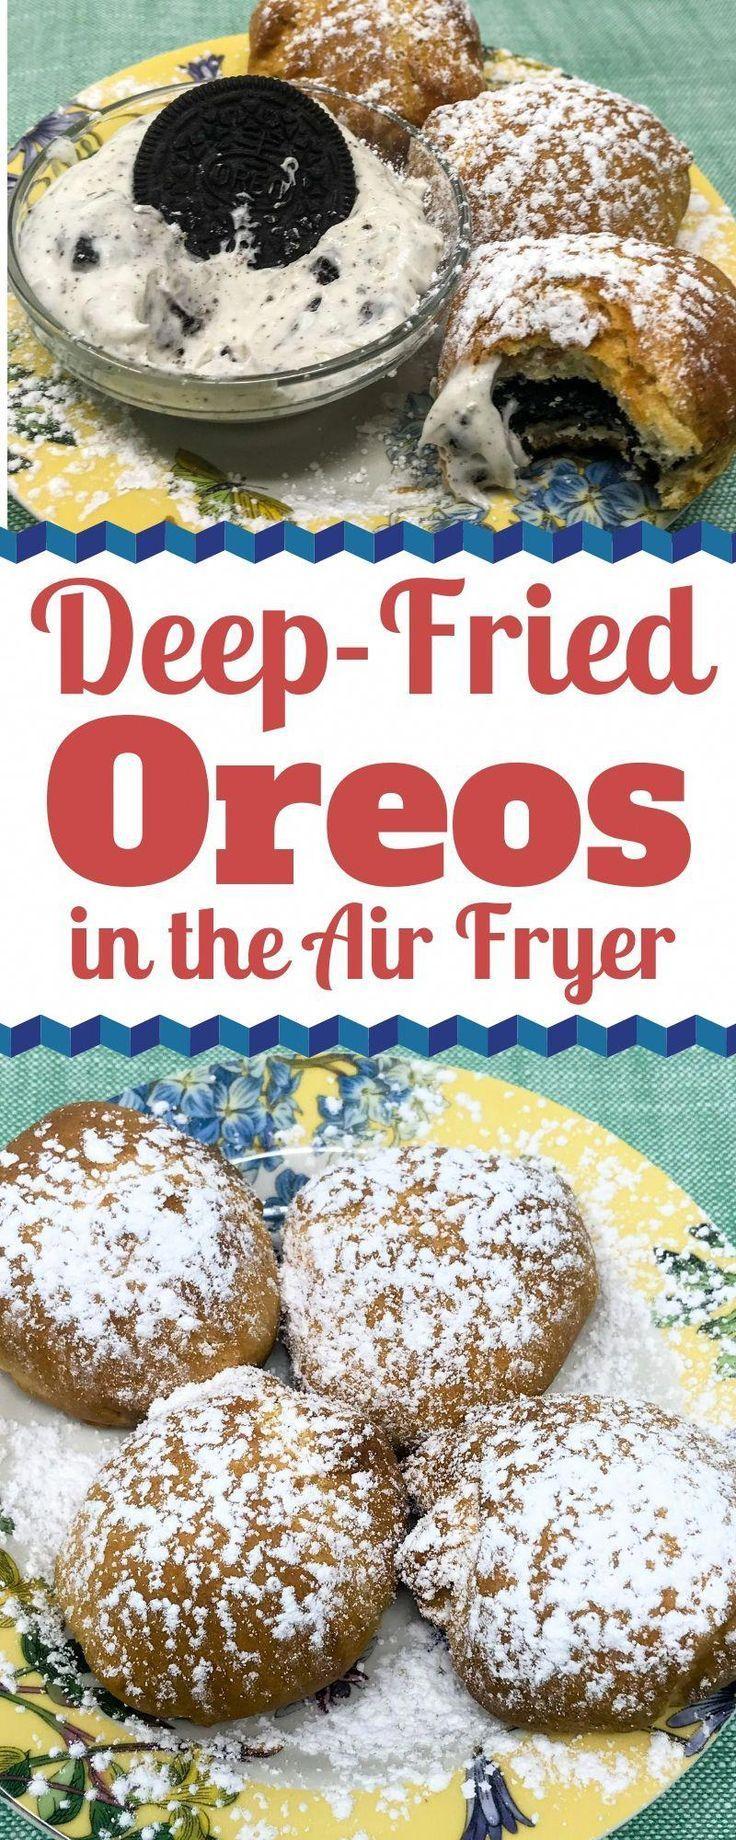 Air Fryer Oreos with Oreo Dip Recipe Fried oreos